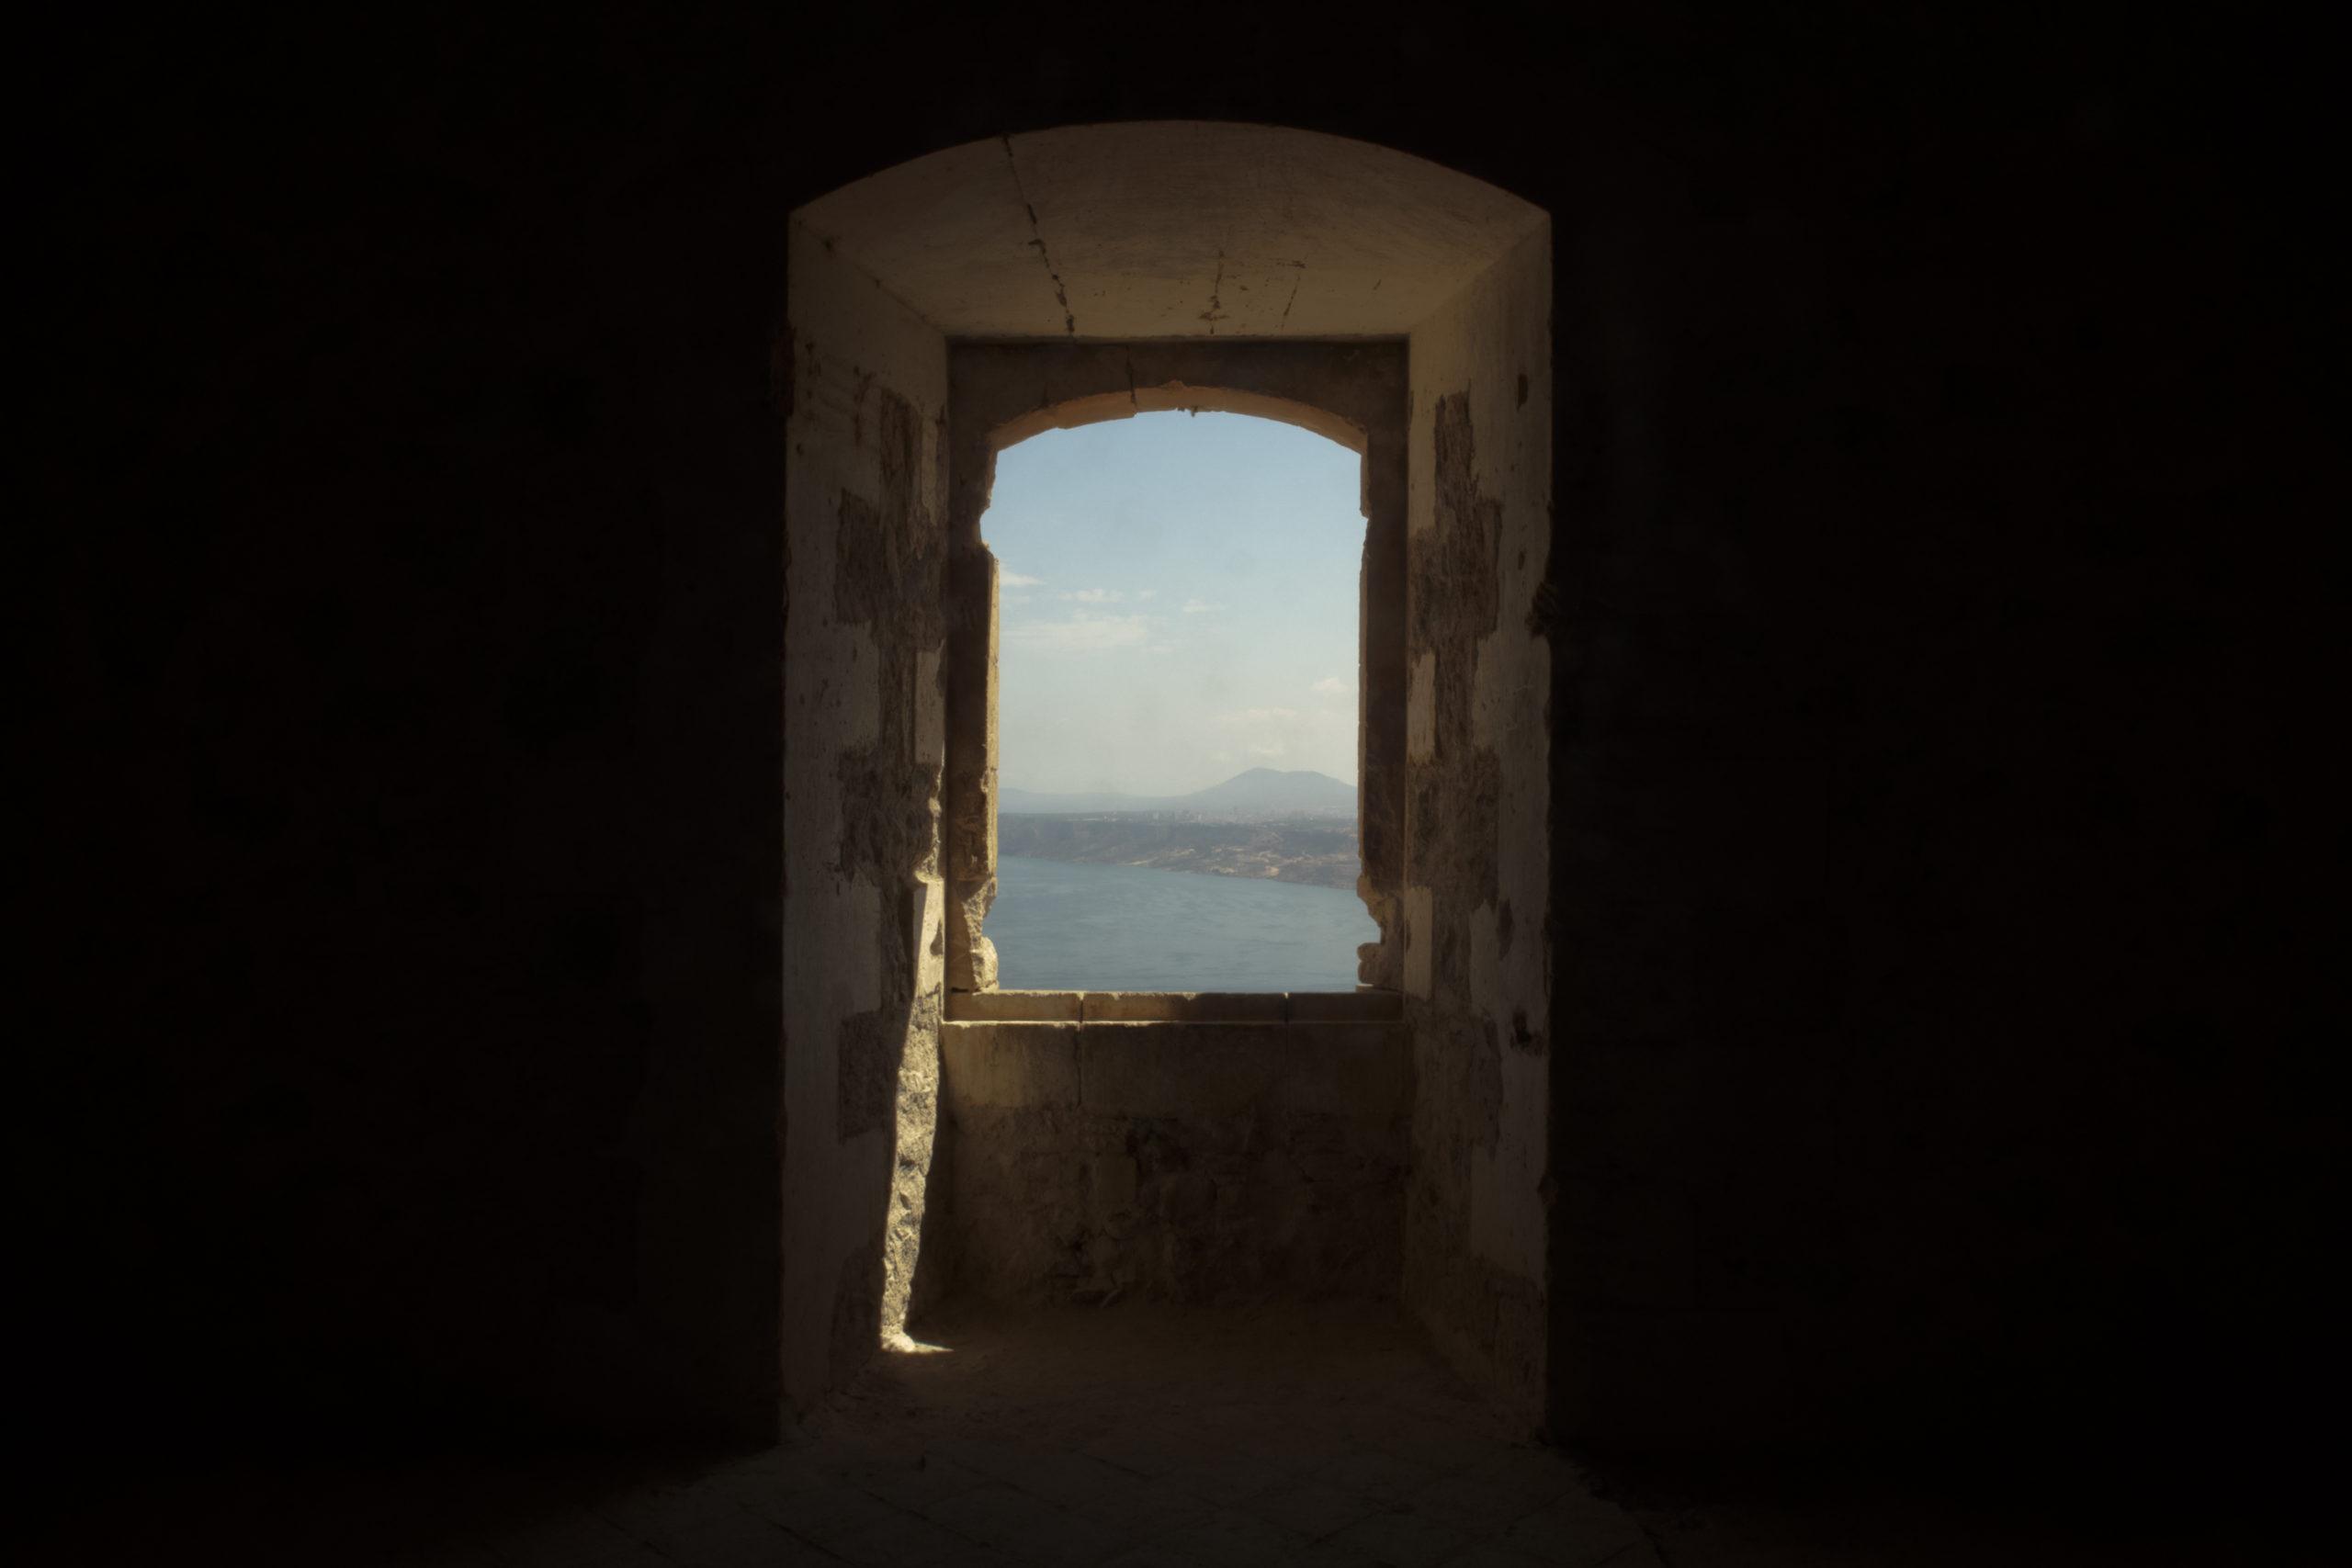 Looking outside on Oran